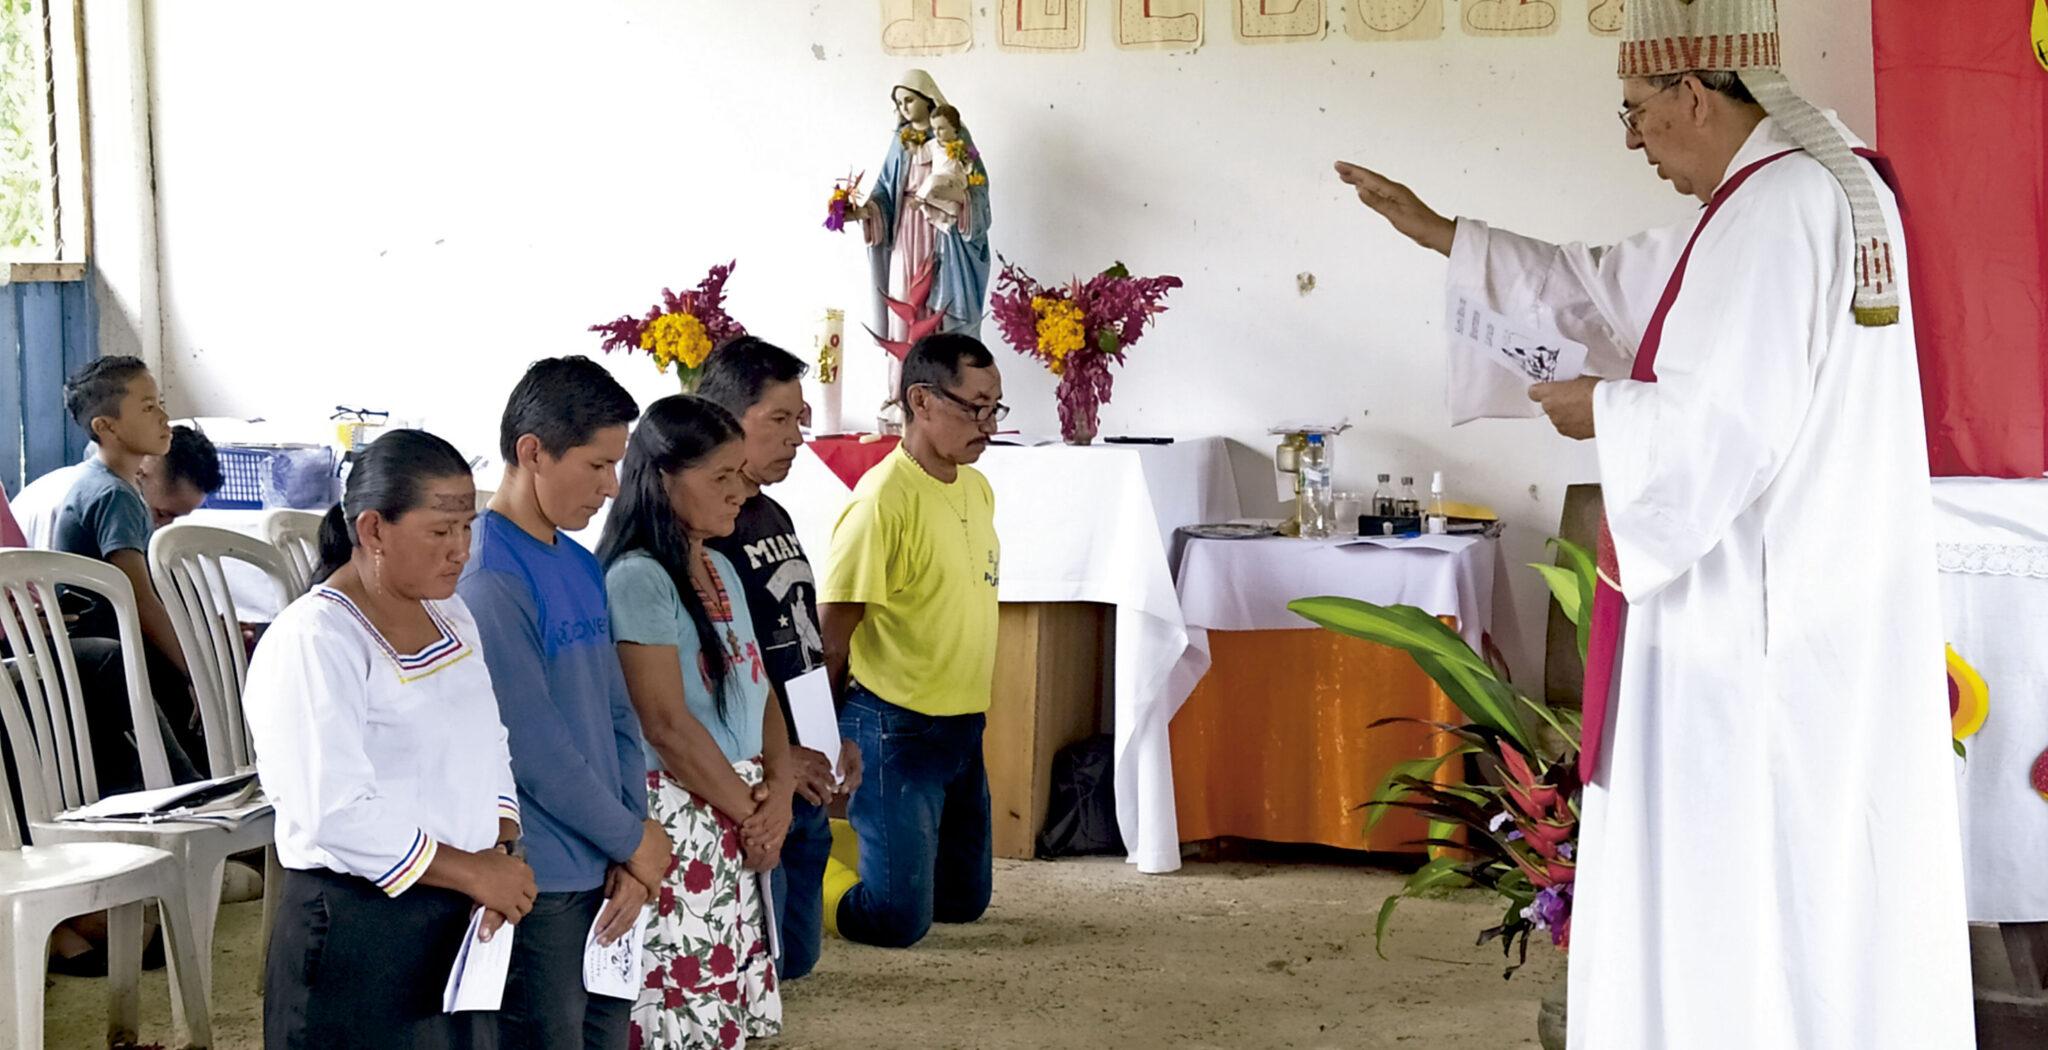 Rafael Cob, obispo del vicariato ecuatoriano de Puyo